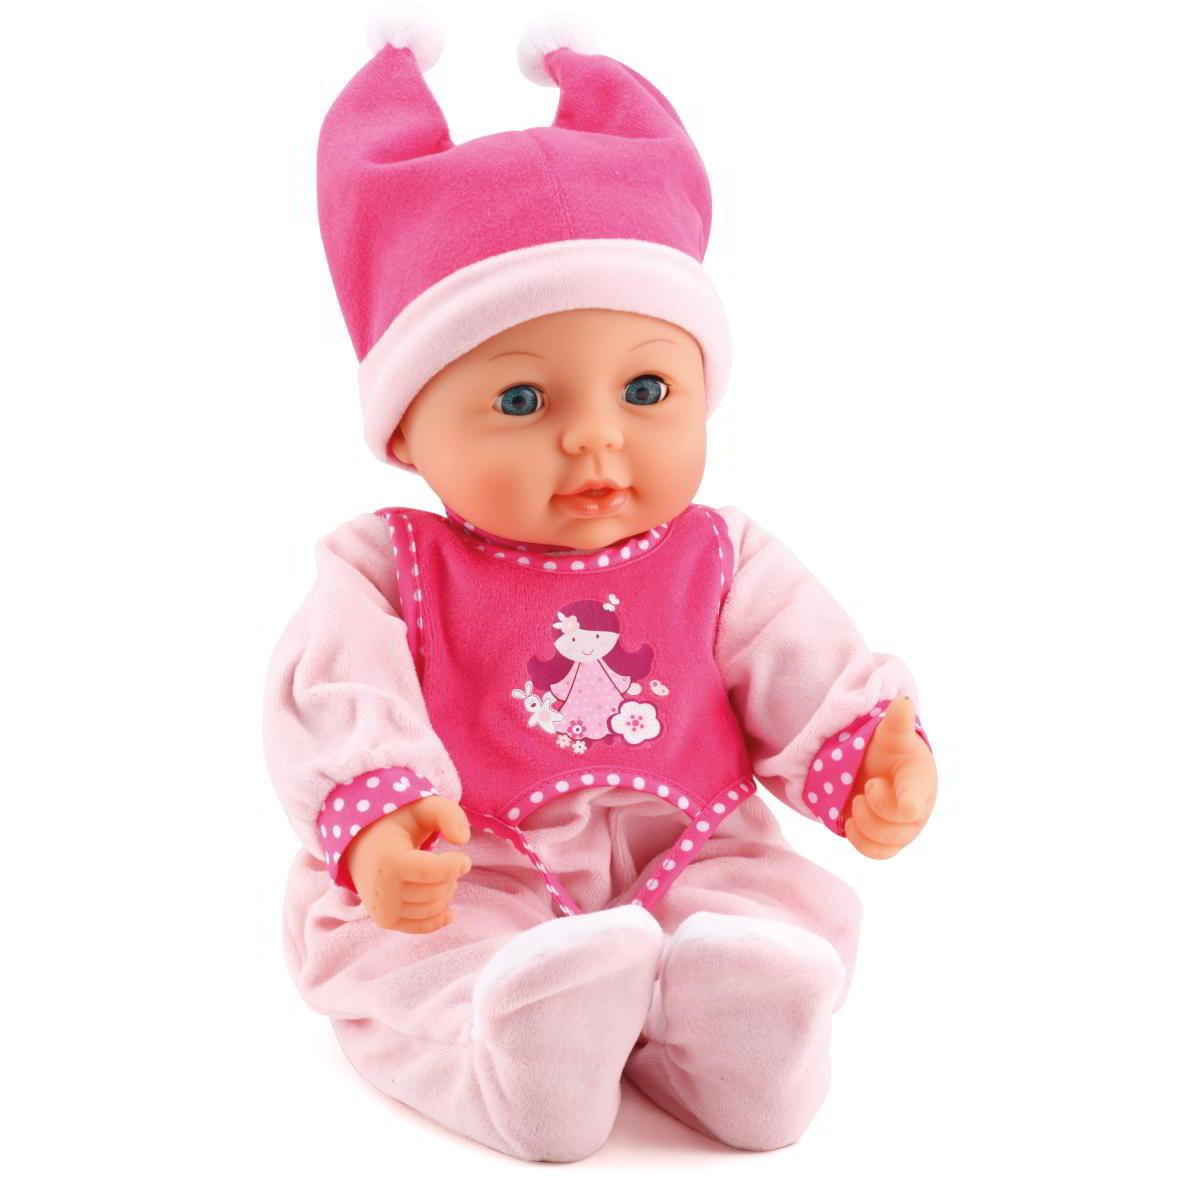 babypuppen spielzeug einebinsenweisheit. Black Bedroom Furniture Sets. Home Design Ideas